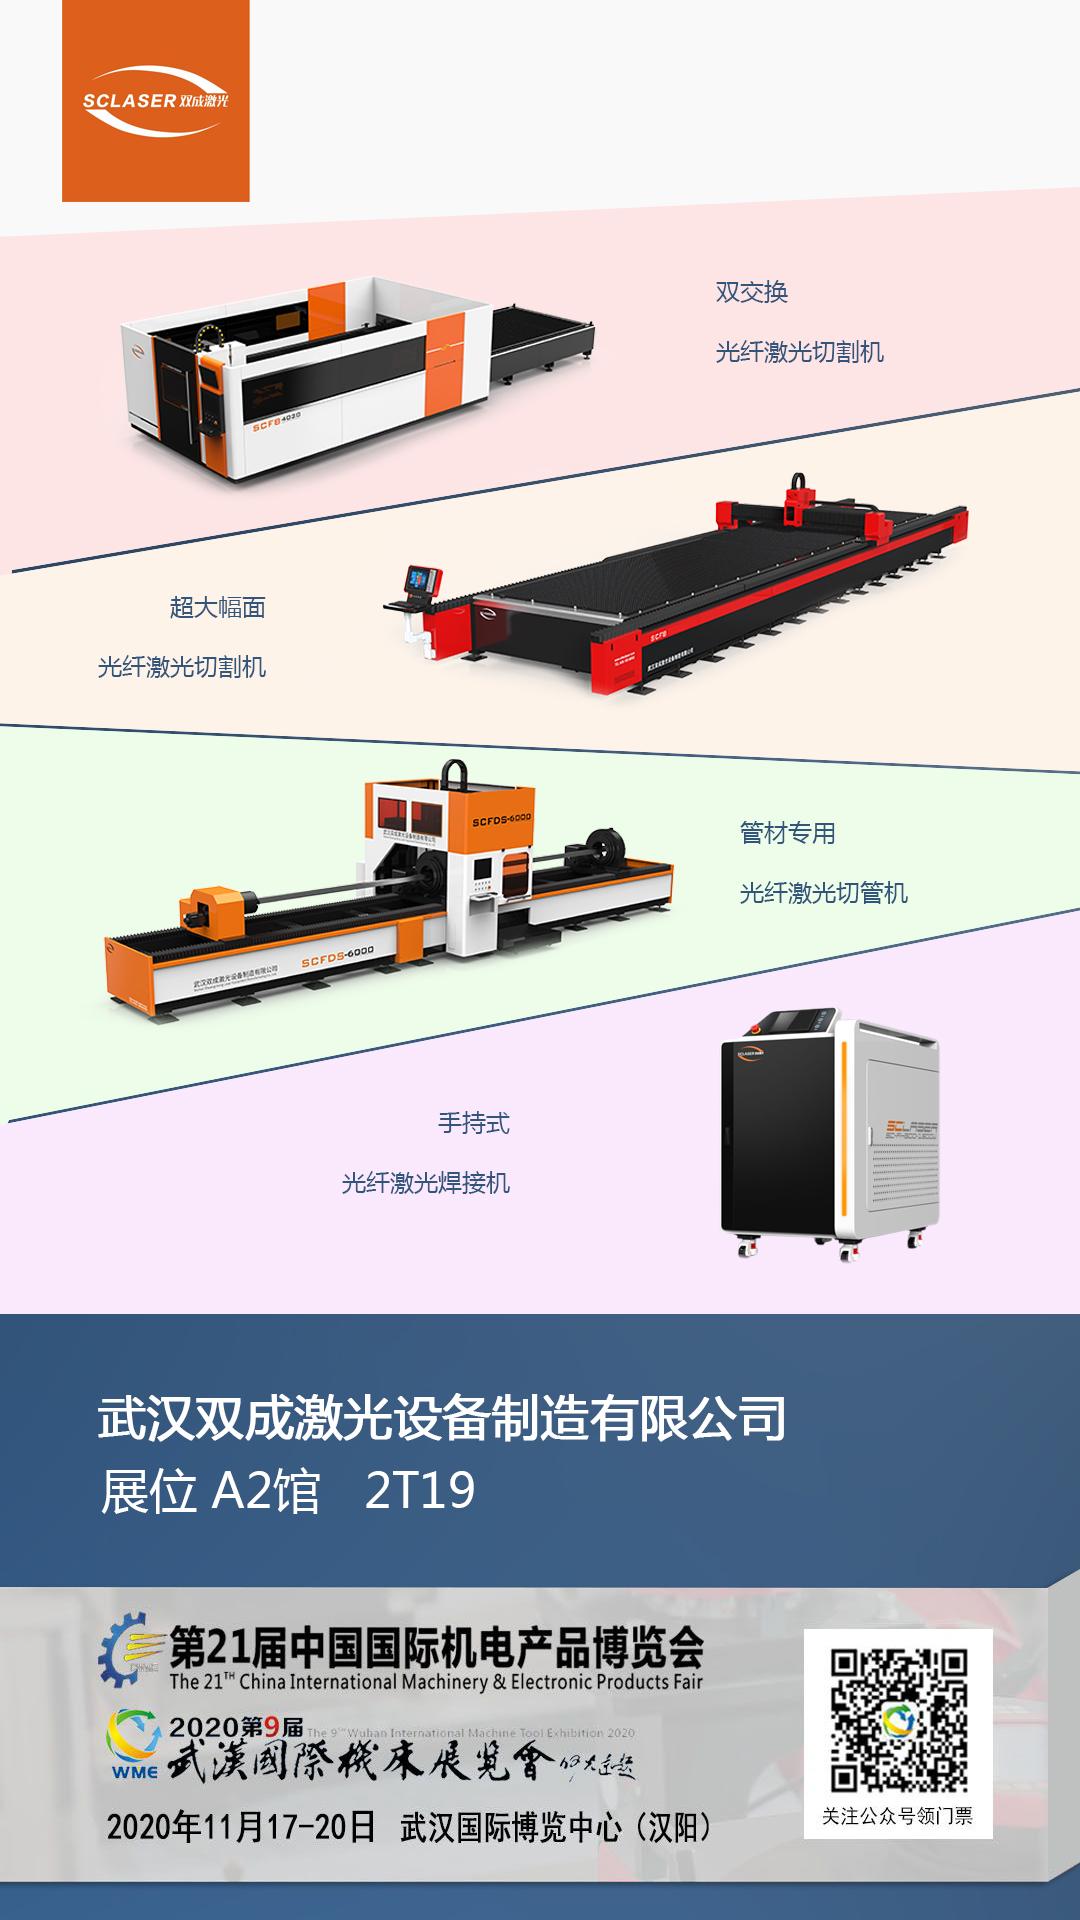 盛情相邀 | 双成激光第21届中国国际机电产品博览会(图4)